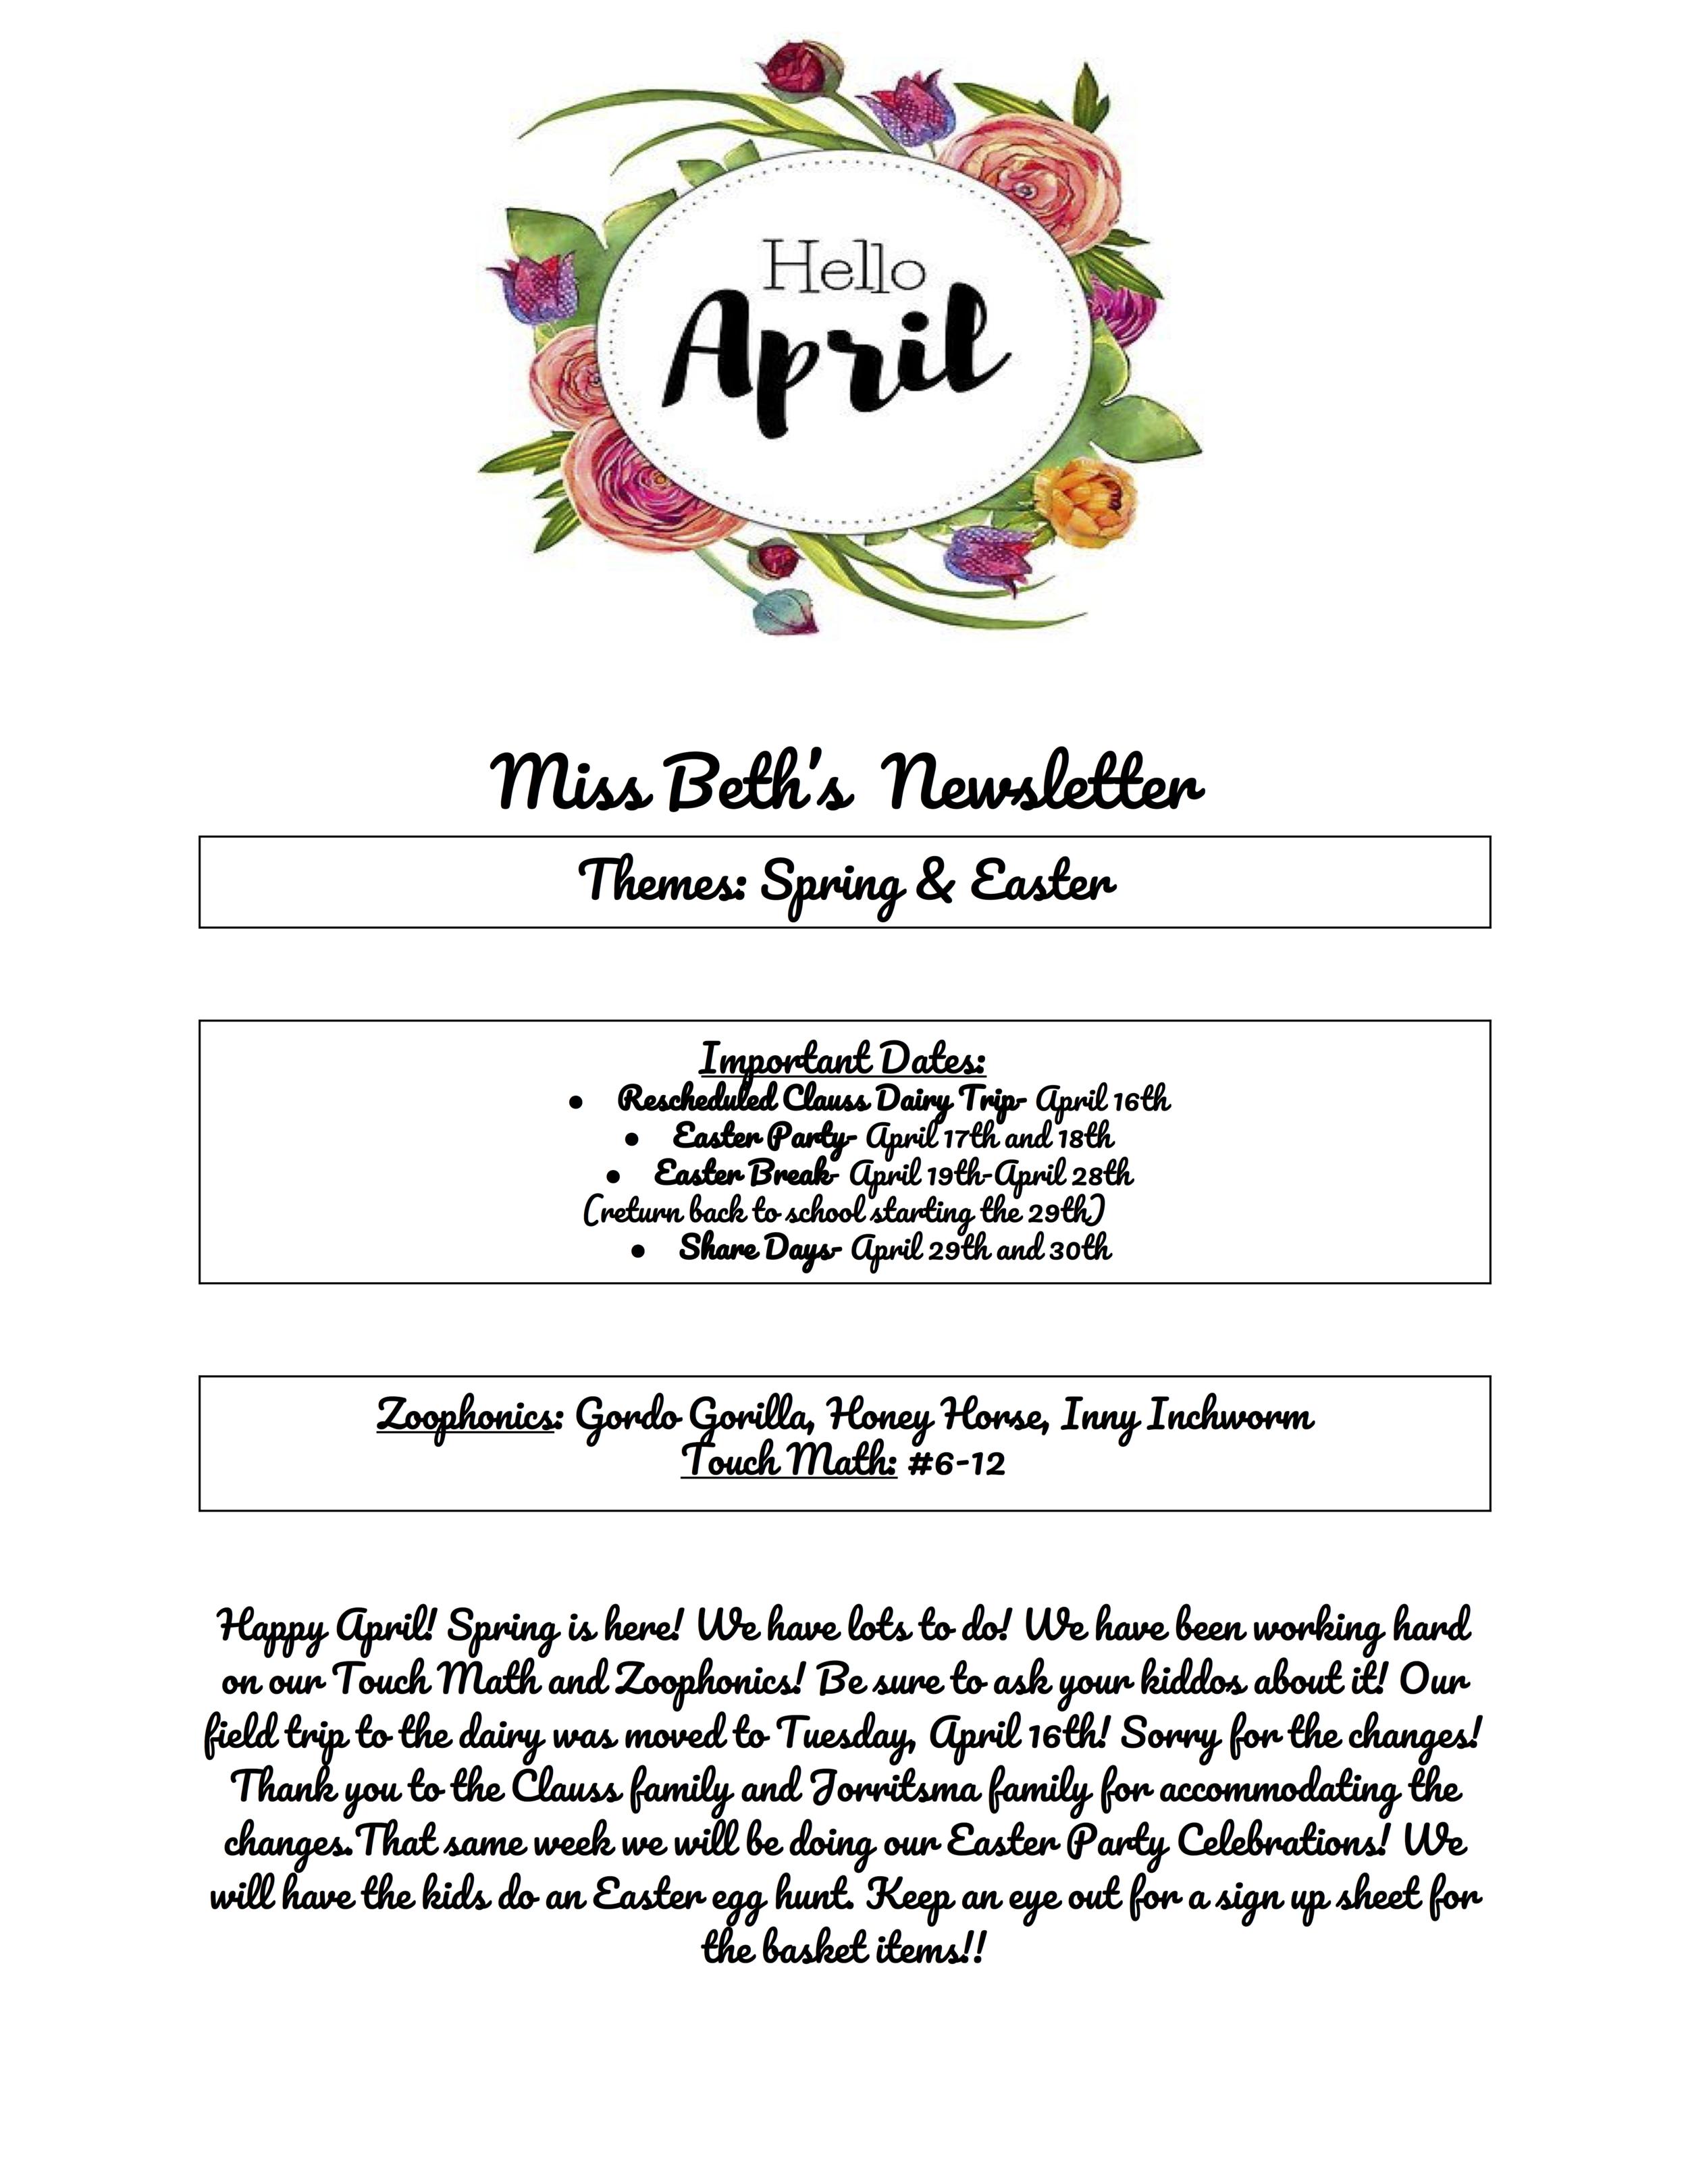 Beths April Newsletter.png